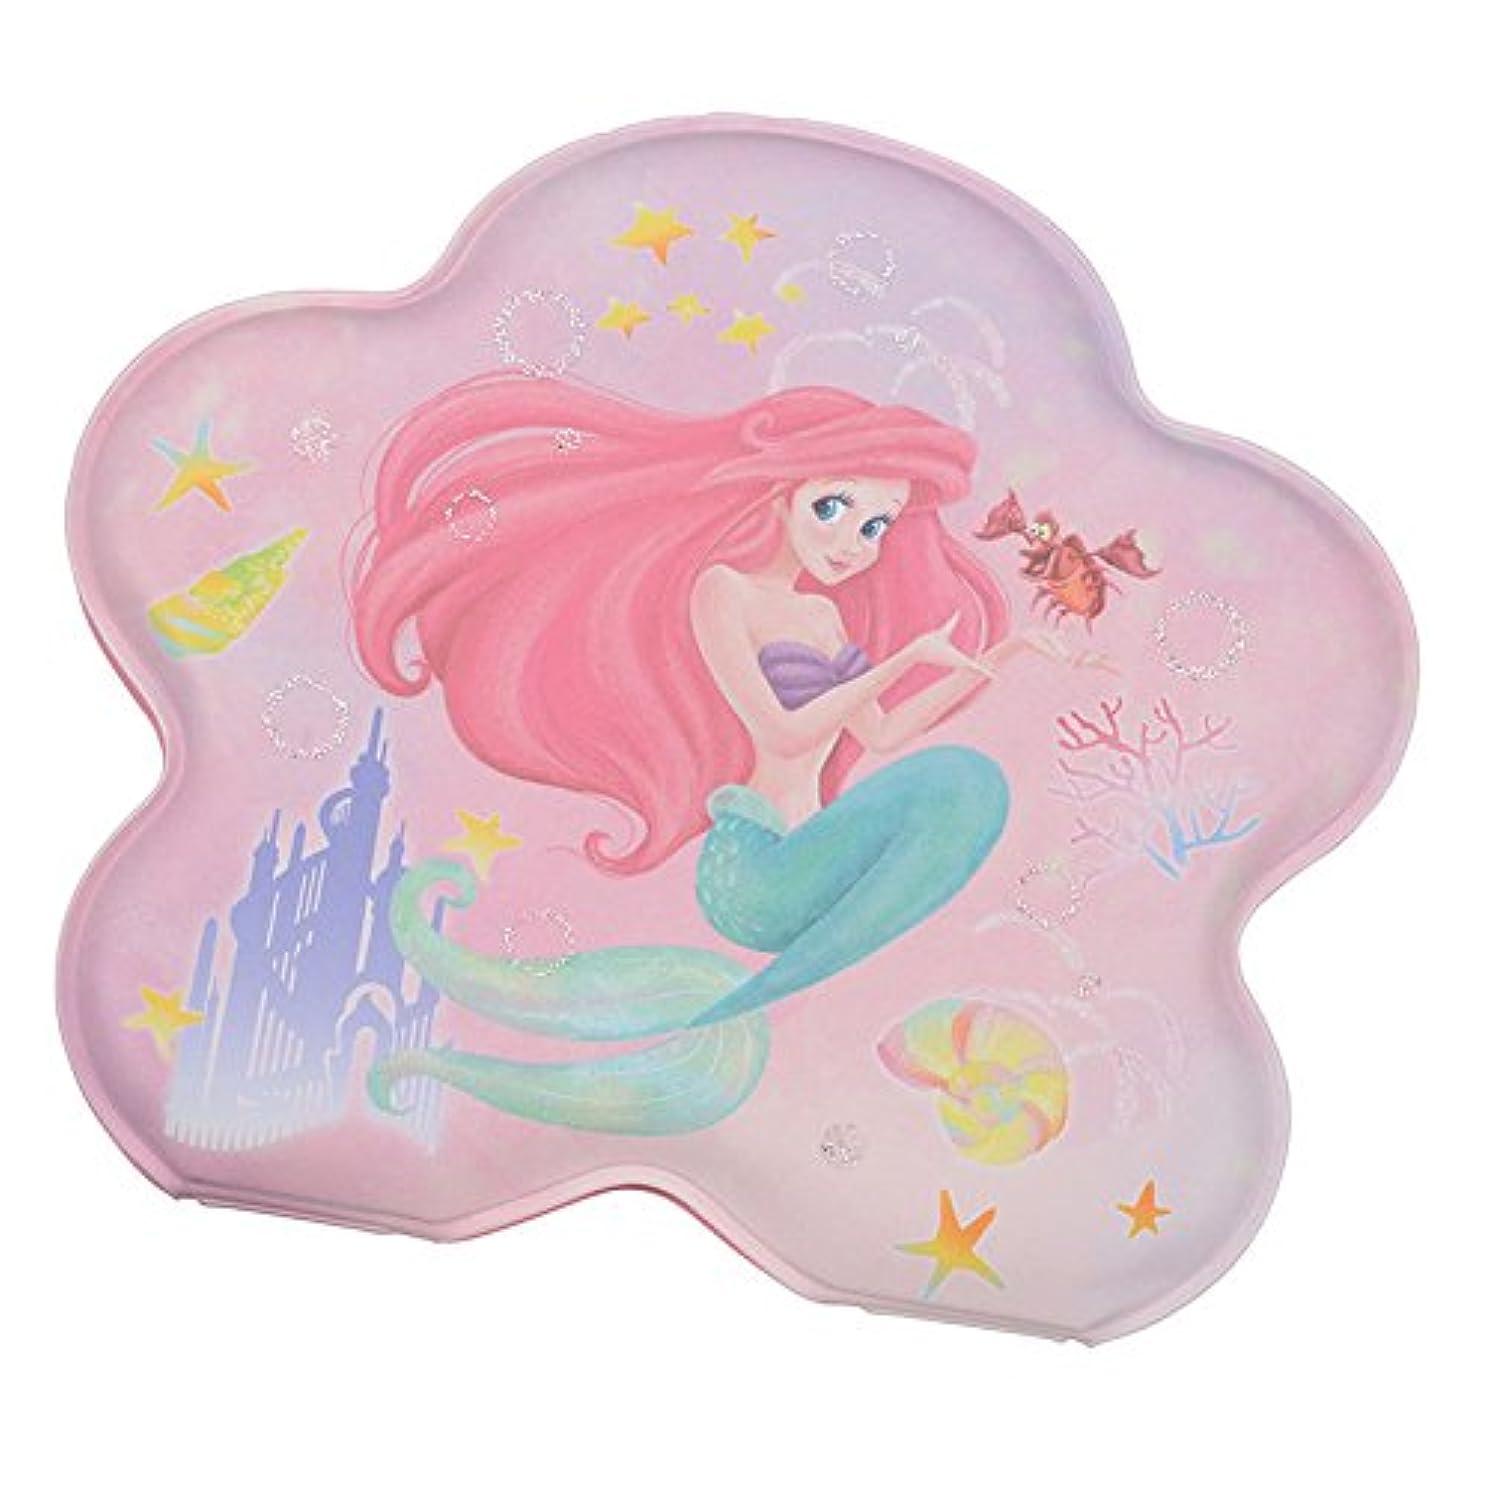 アストロラーベカウント手のひら鏡?ミラー 折りたたみ式 アリエル&セバスチャン Princess Princess